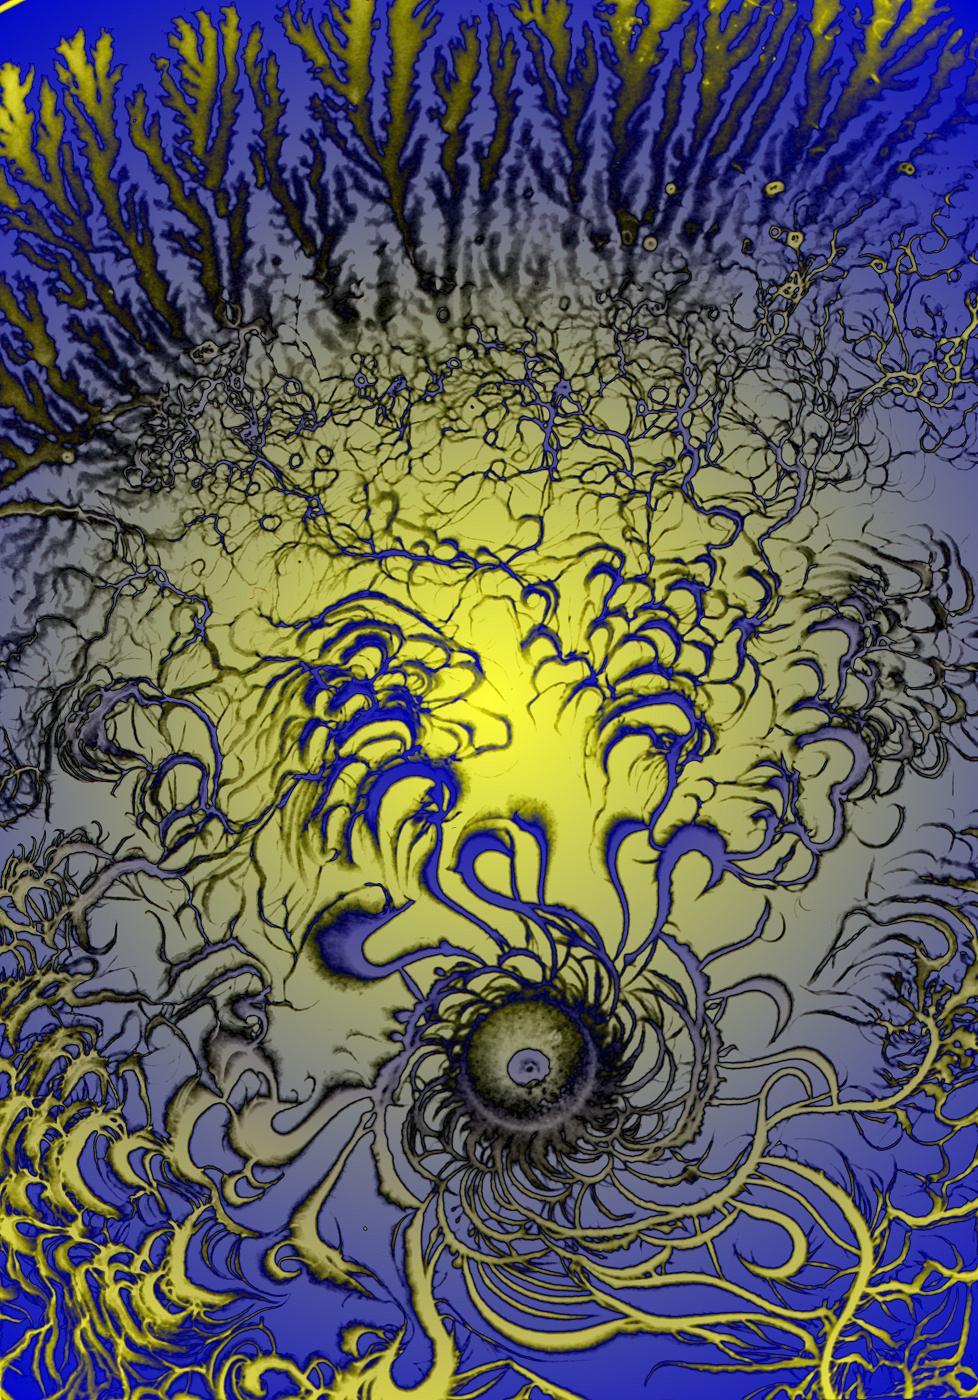 bacteria-psychedelic-ben-jacob-art